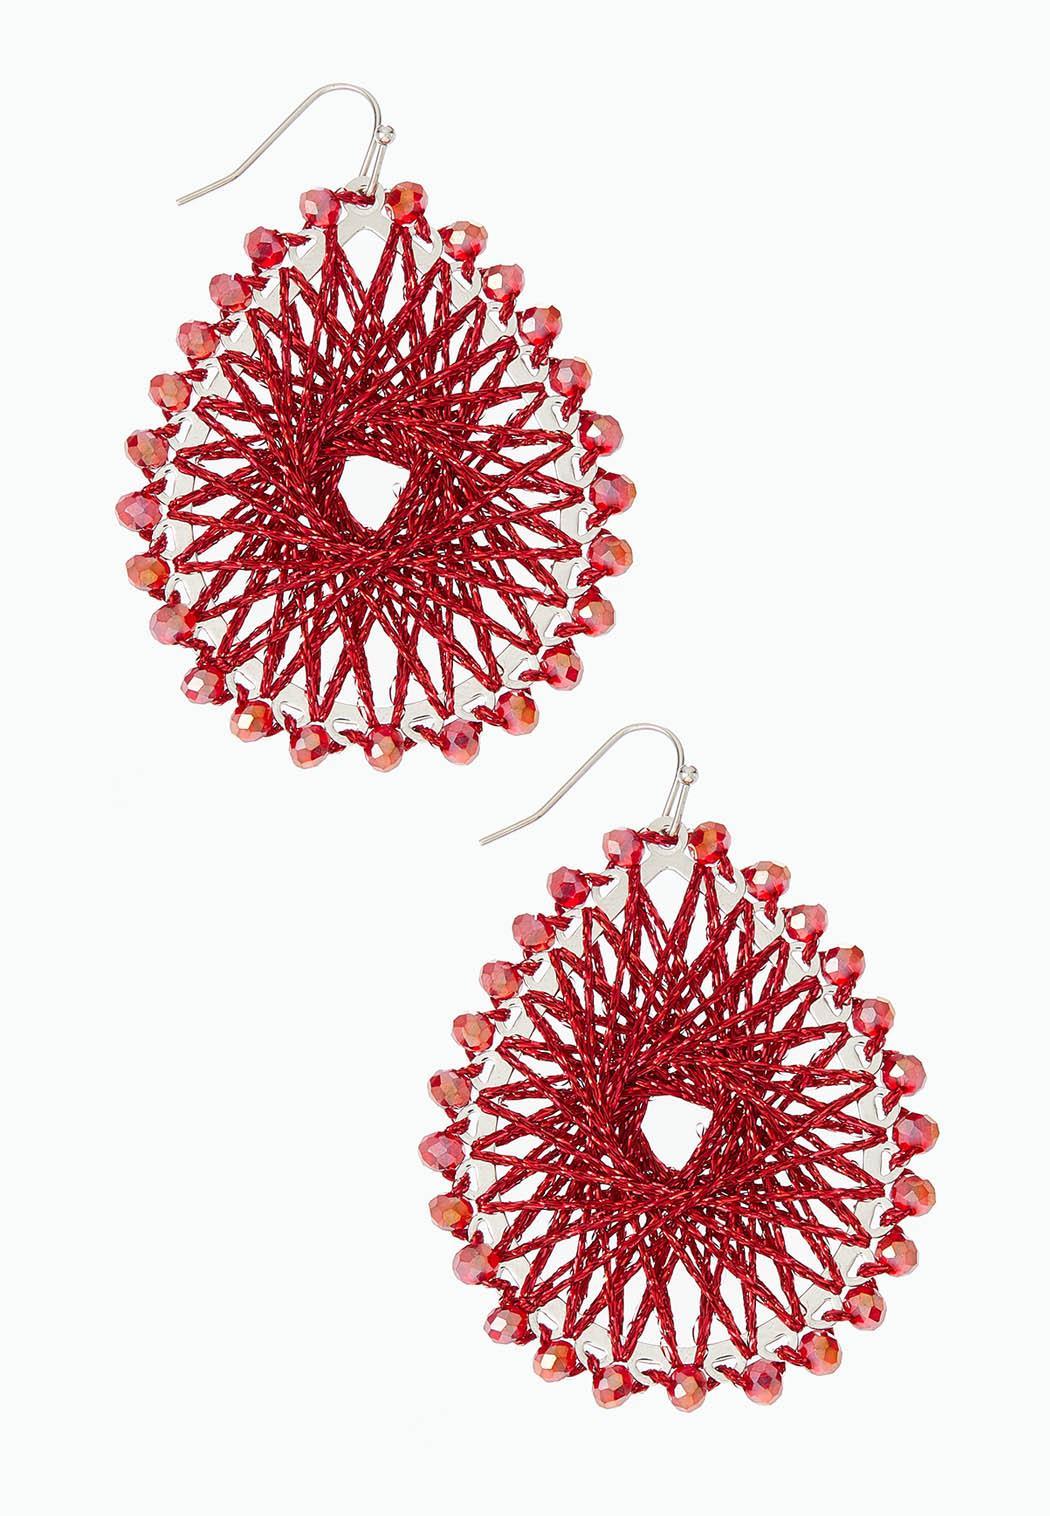 Threaded Sunburst Earrings